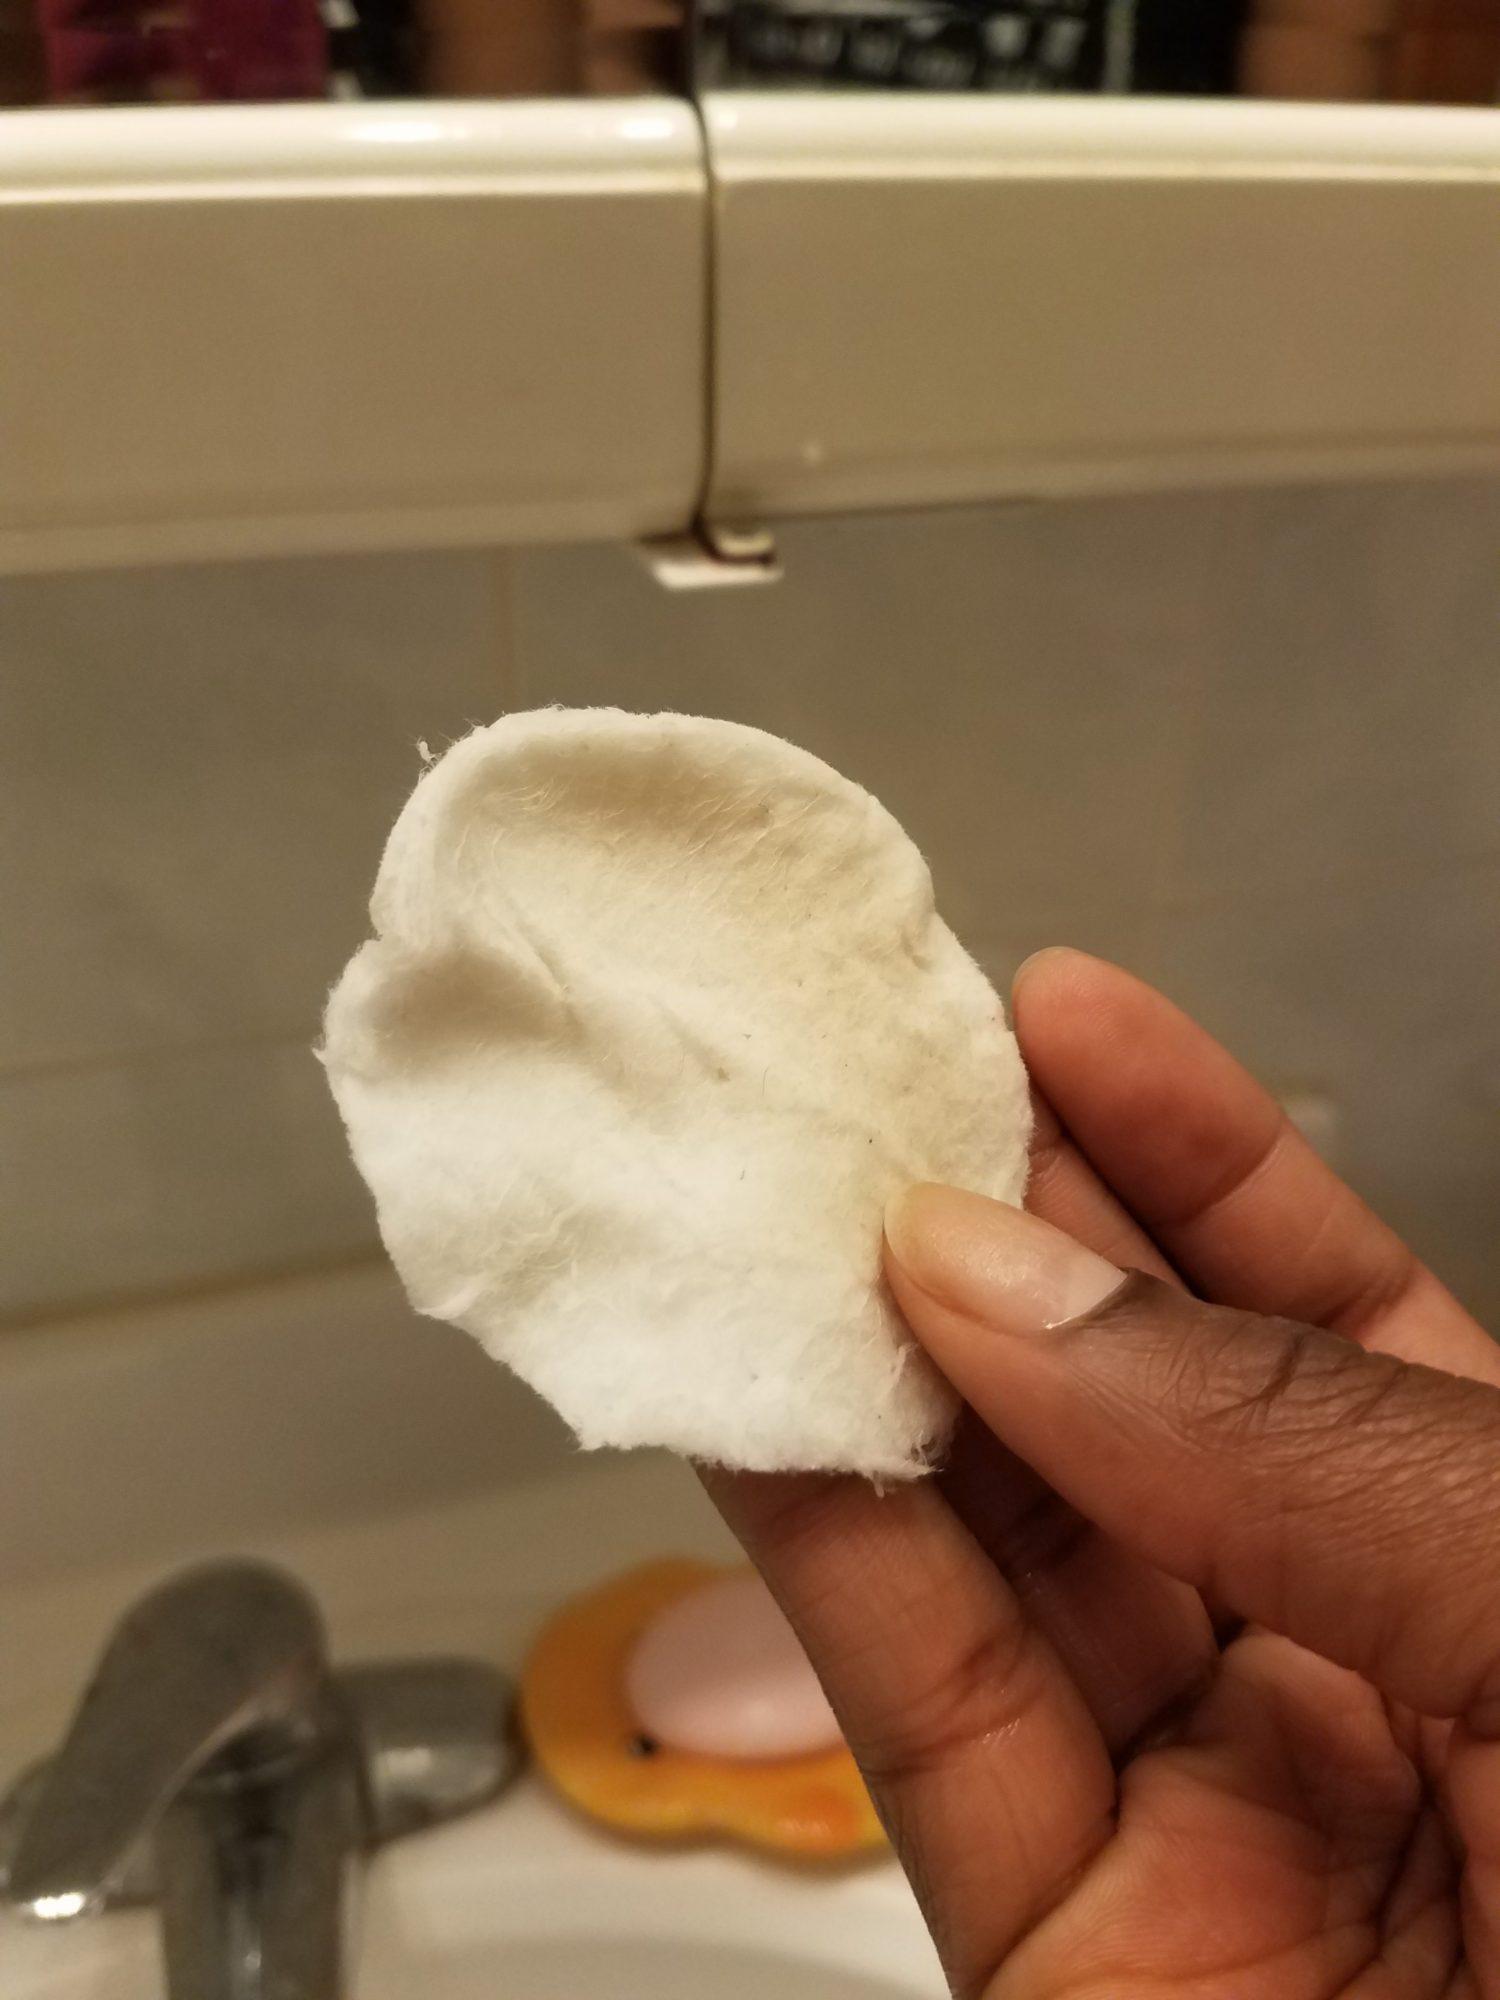 cleansponge-e1519486306329.jpg